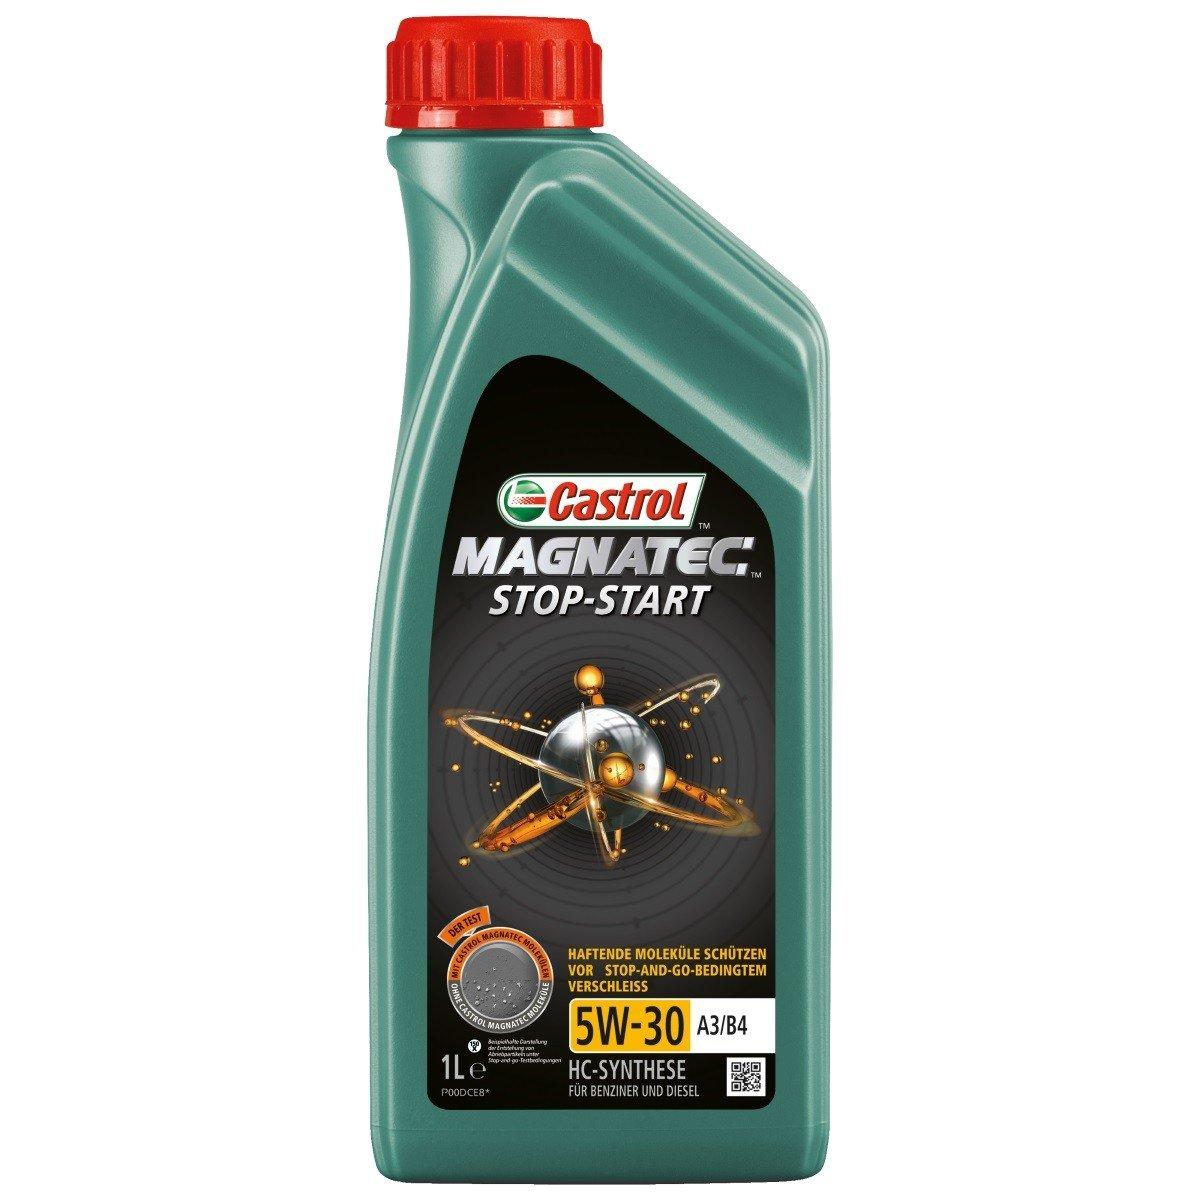 Plně syntetický motorový olej CASTROL Magnatec Stop-Start 5W30 A3/B4 1L